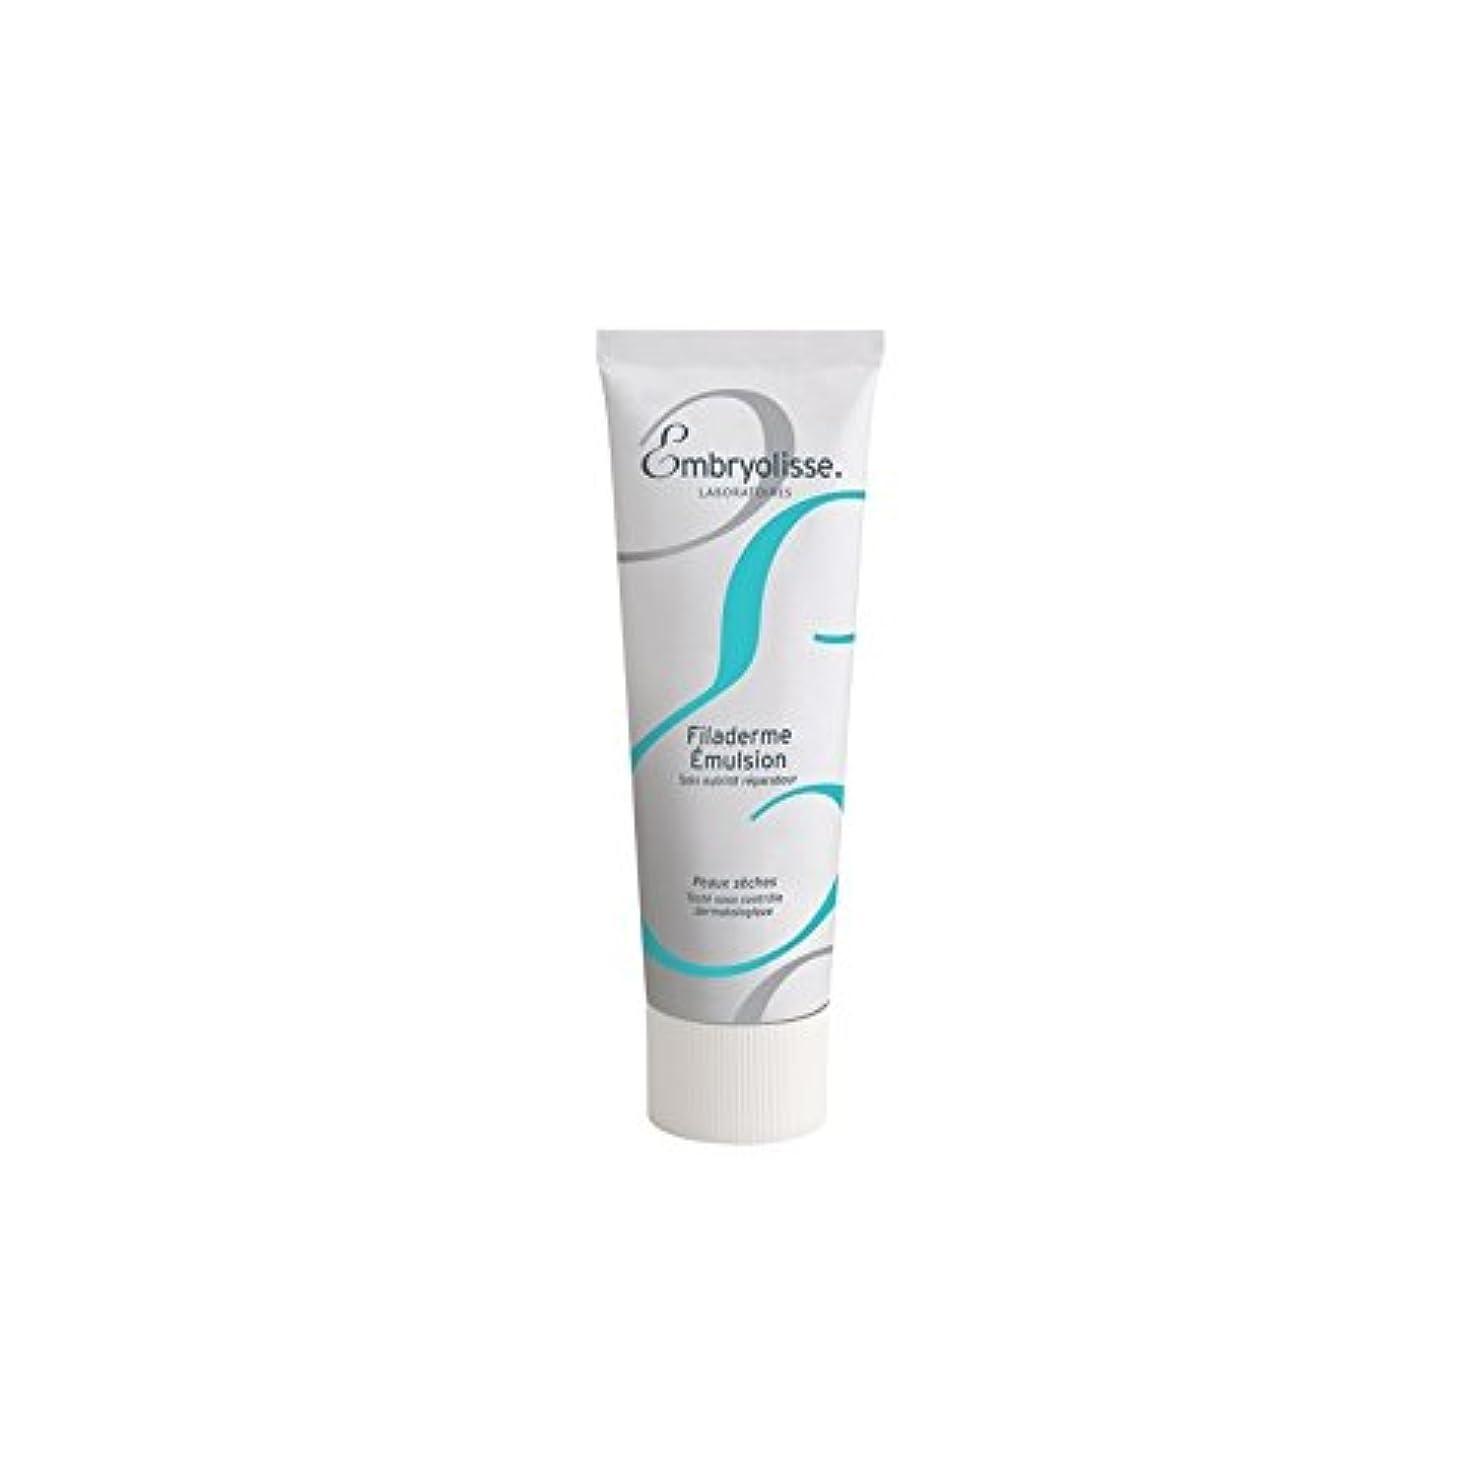 家畜司教中古エマルジョン(75ミリリットル) x4 - Embryolisse Filaderme Emulsion (75ml) (Pack of 4) [並行輸入品]